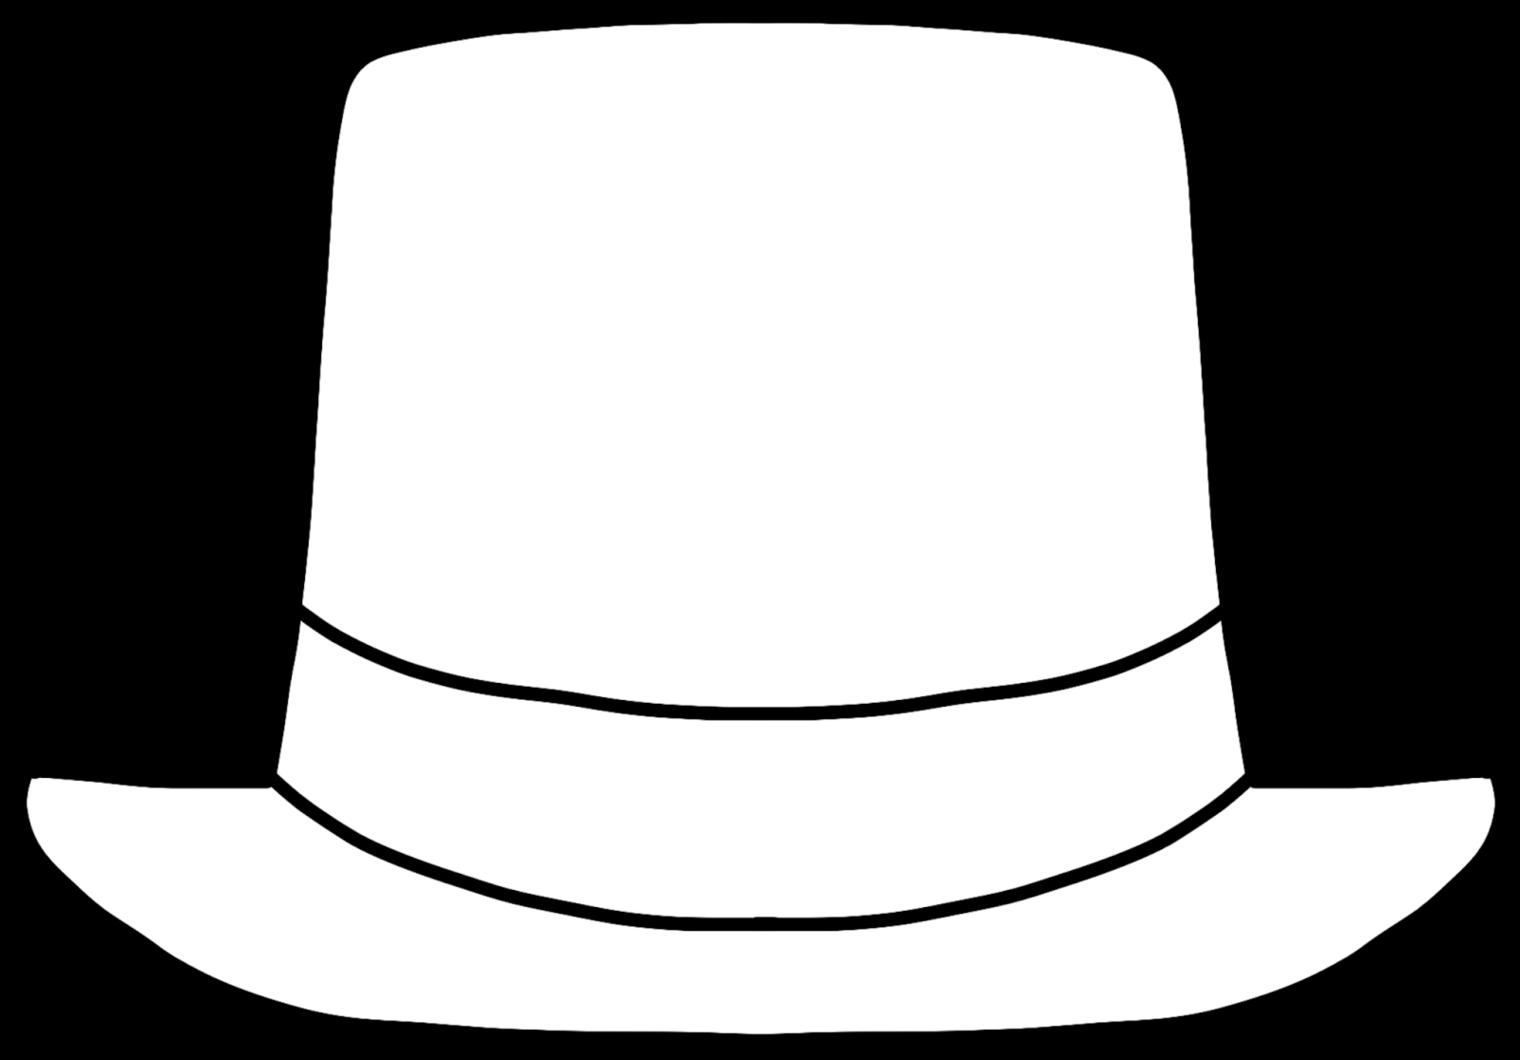 1520x1060 Monochrome Clipart Hat